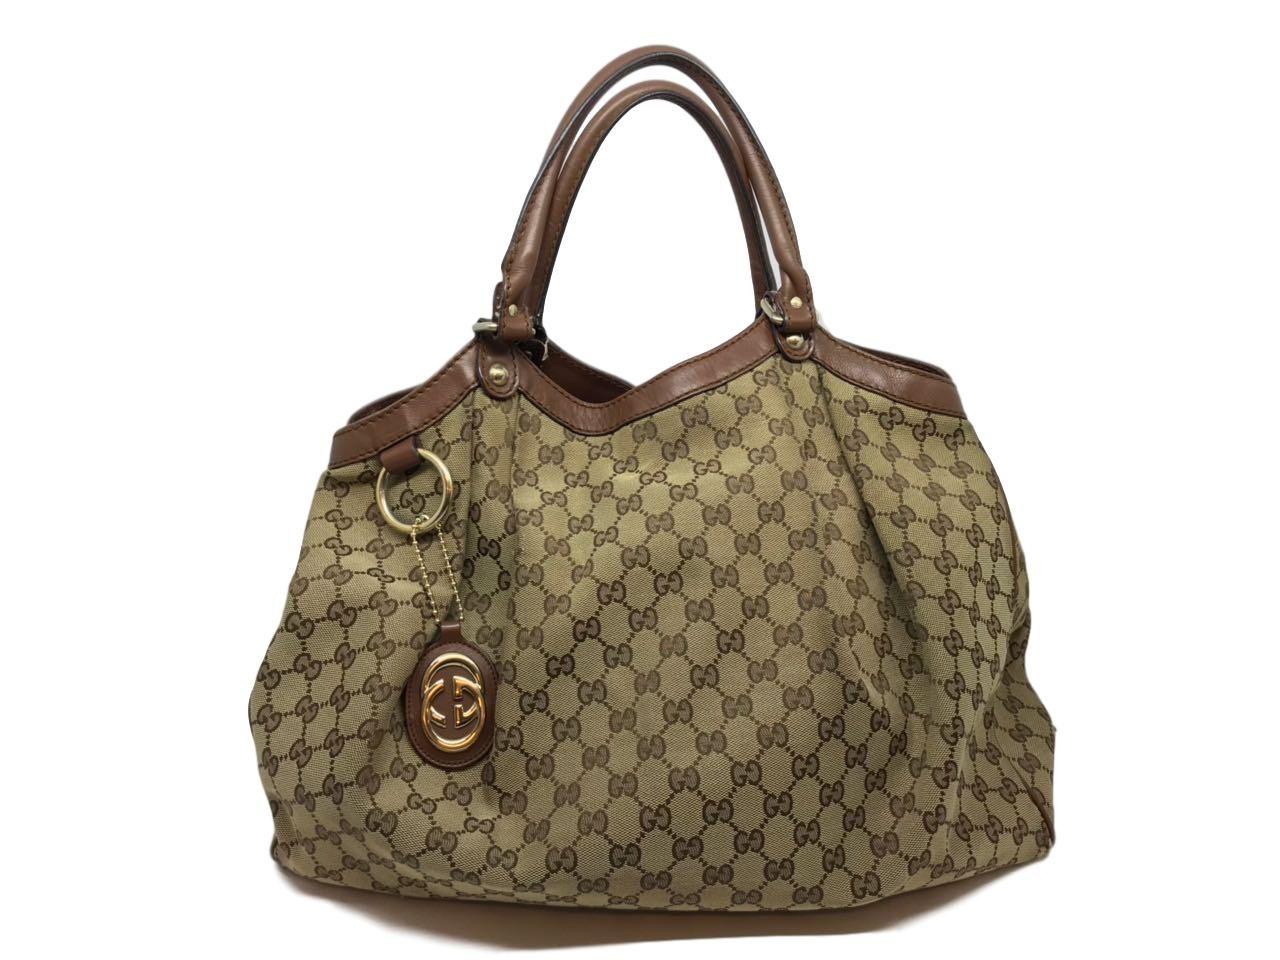 Bolsa Gucci Monograma Friso em couro